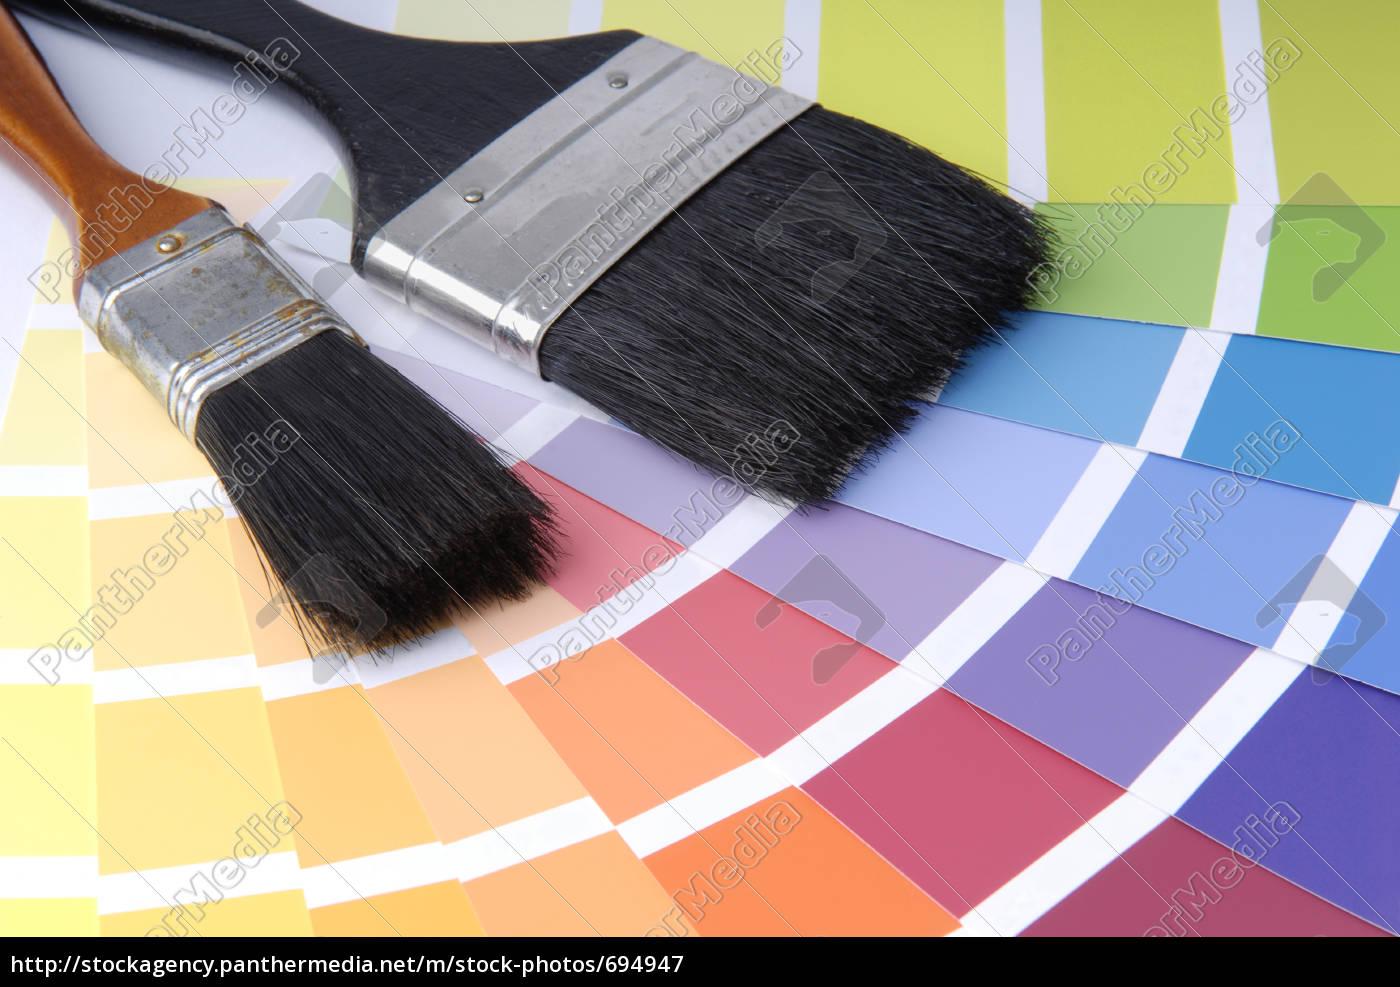 brush - 694947